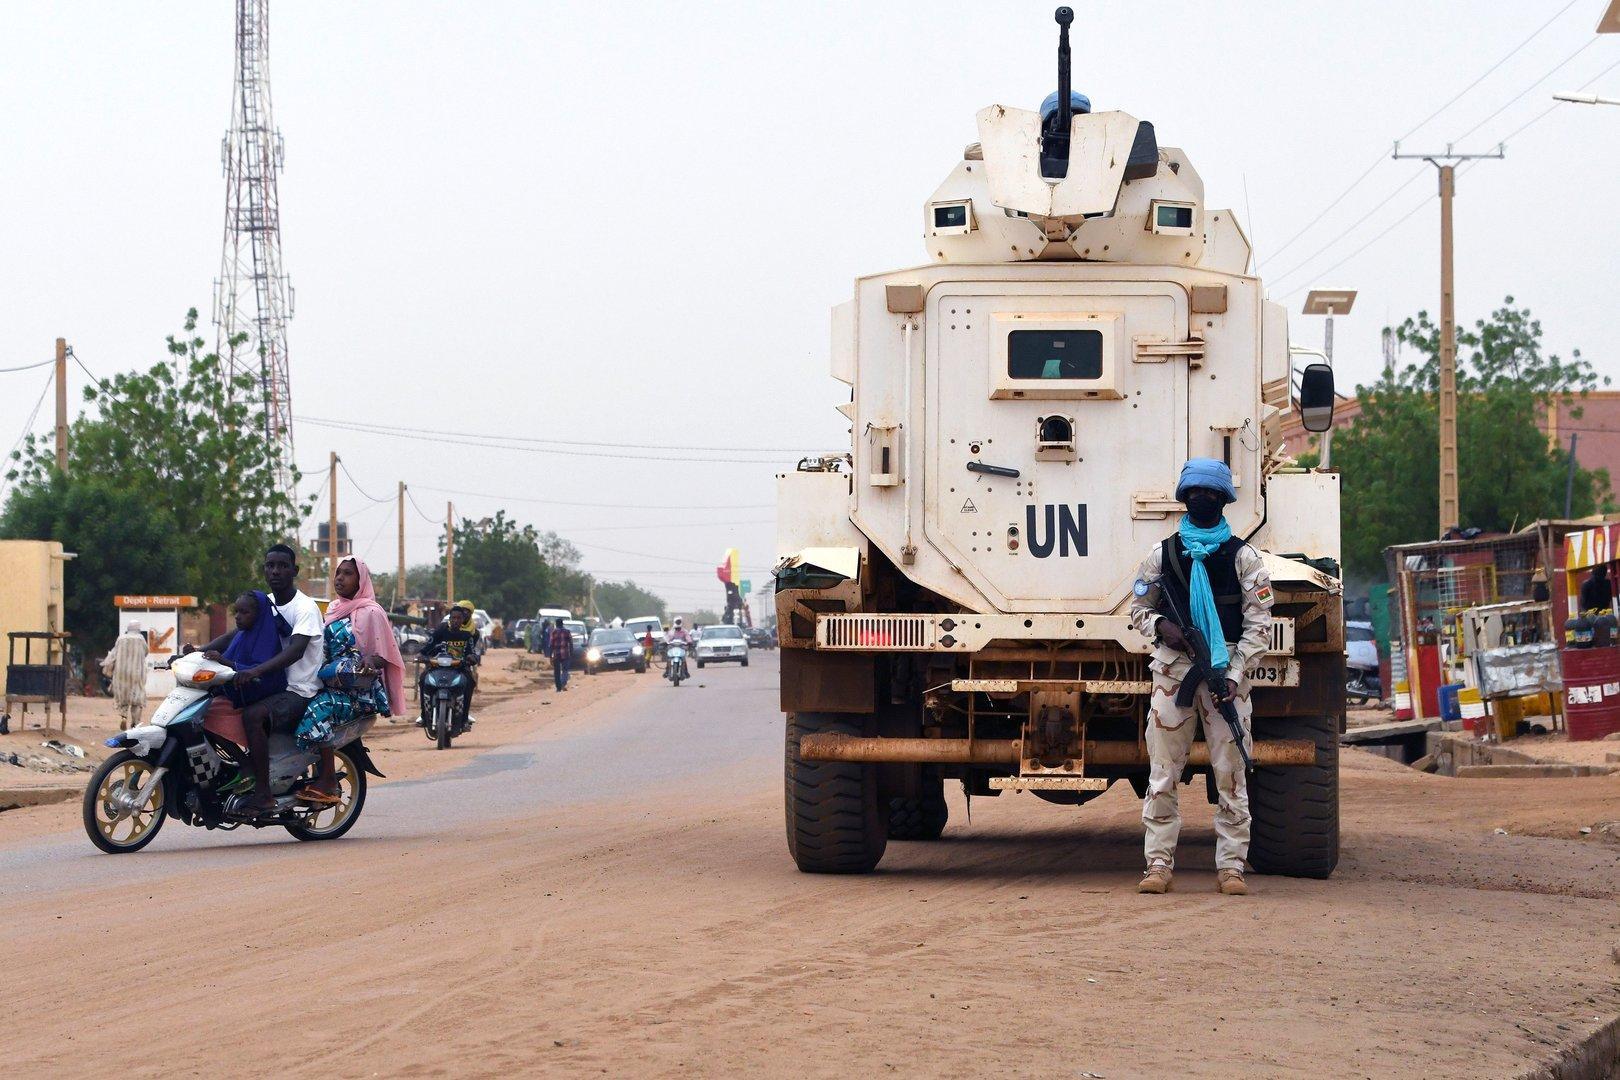 Angriff auf UN-Stützpunkt in Mali: Mindestens acht Blauhelme tot